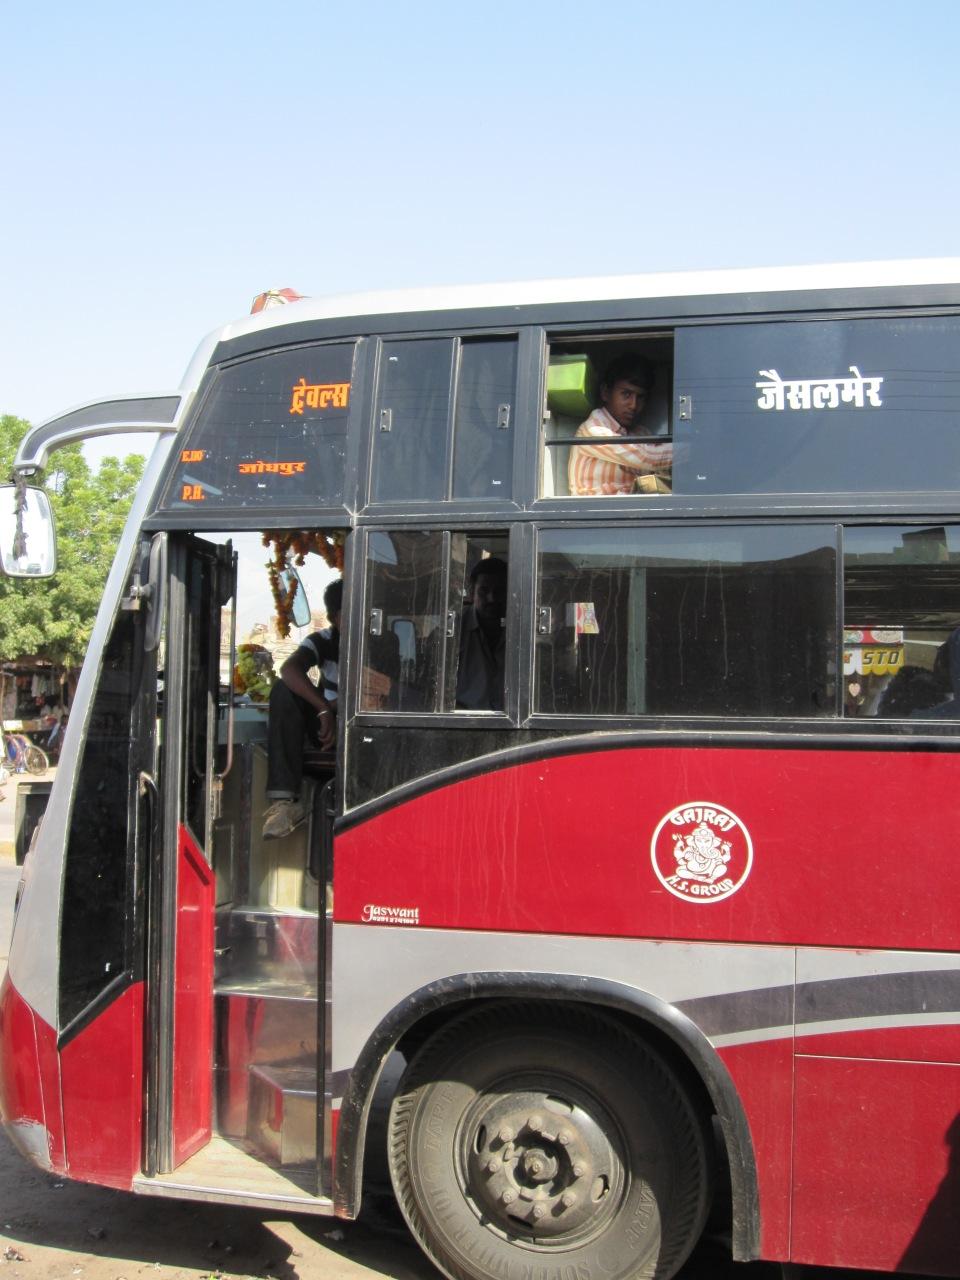 Der Bus - über den Sitzen können Passagiere liegen